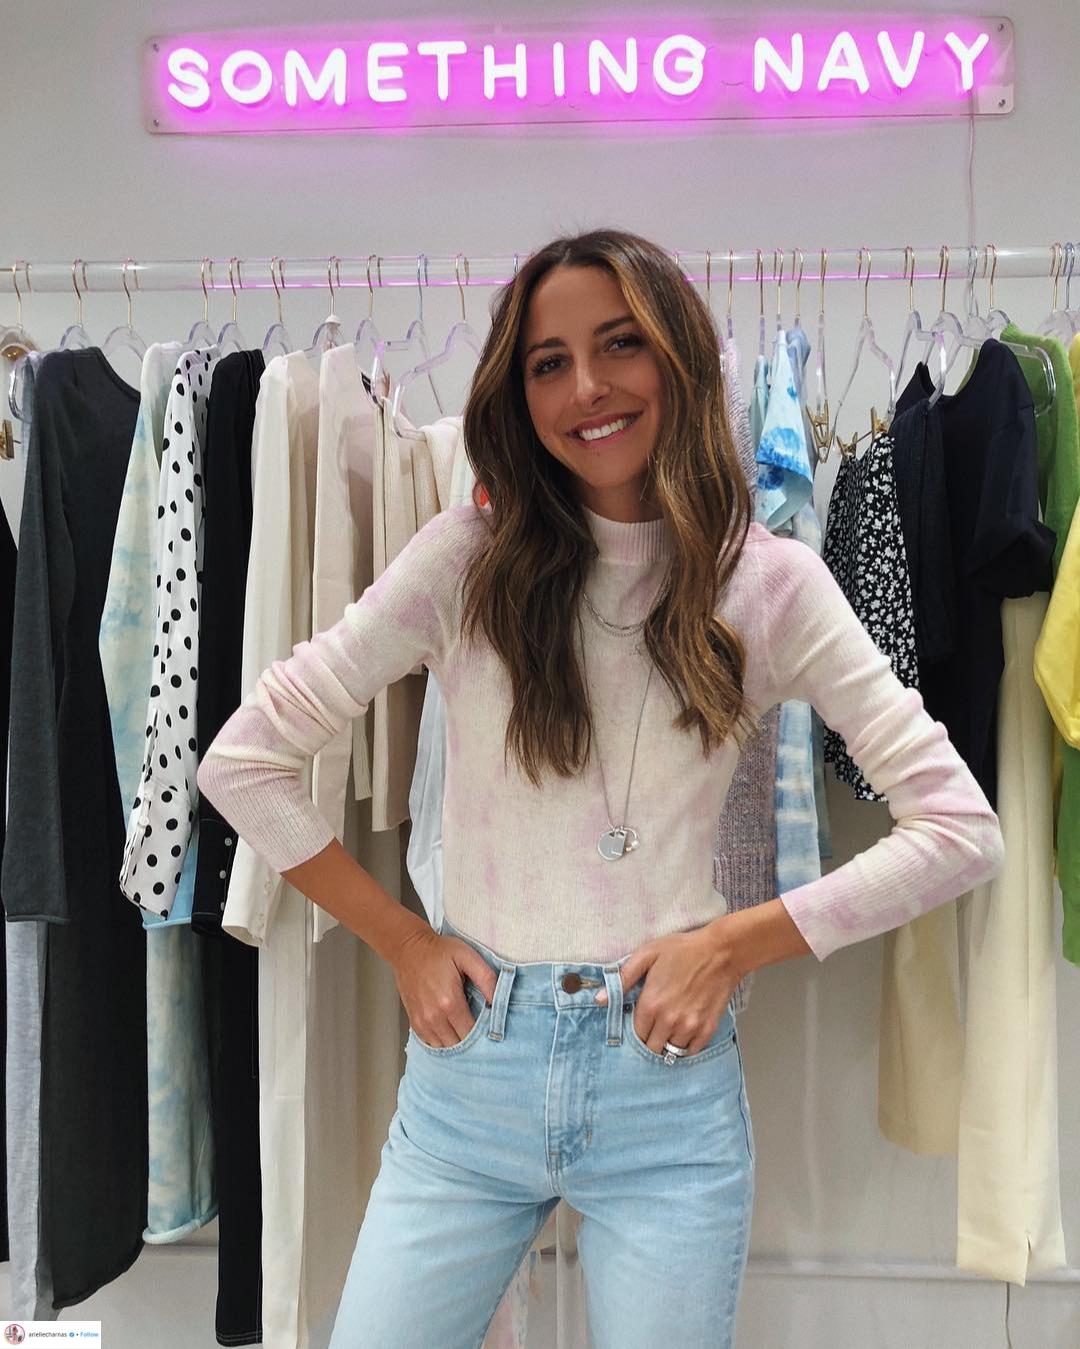 fashion influencer sở hữu phong cách thời trang và khả năng kinh doanh ấn tượng 14